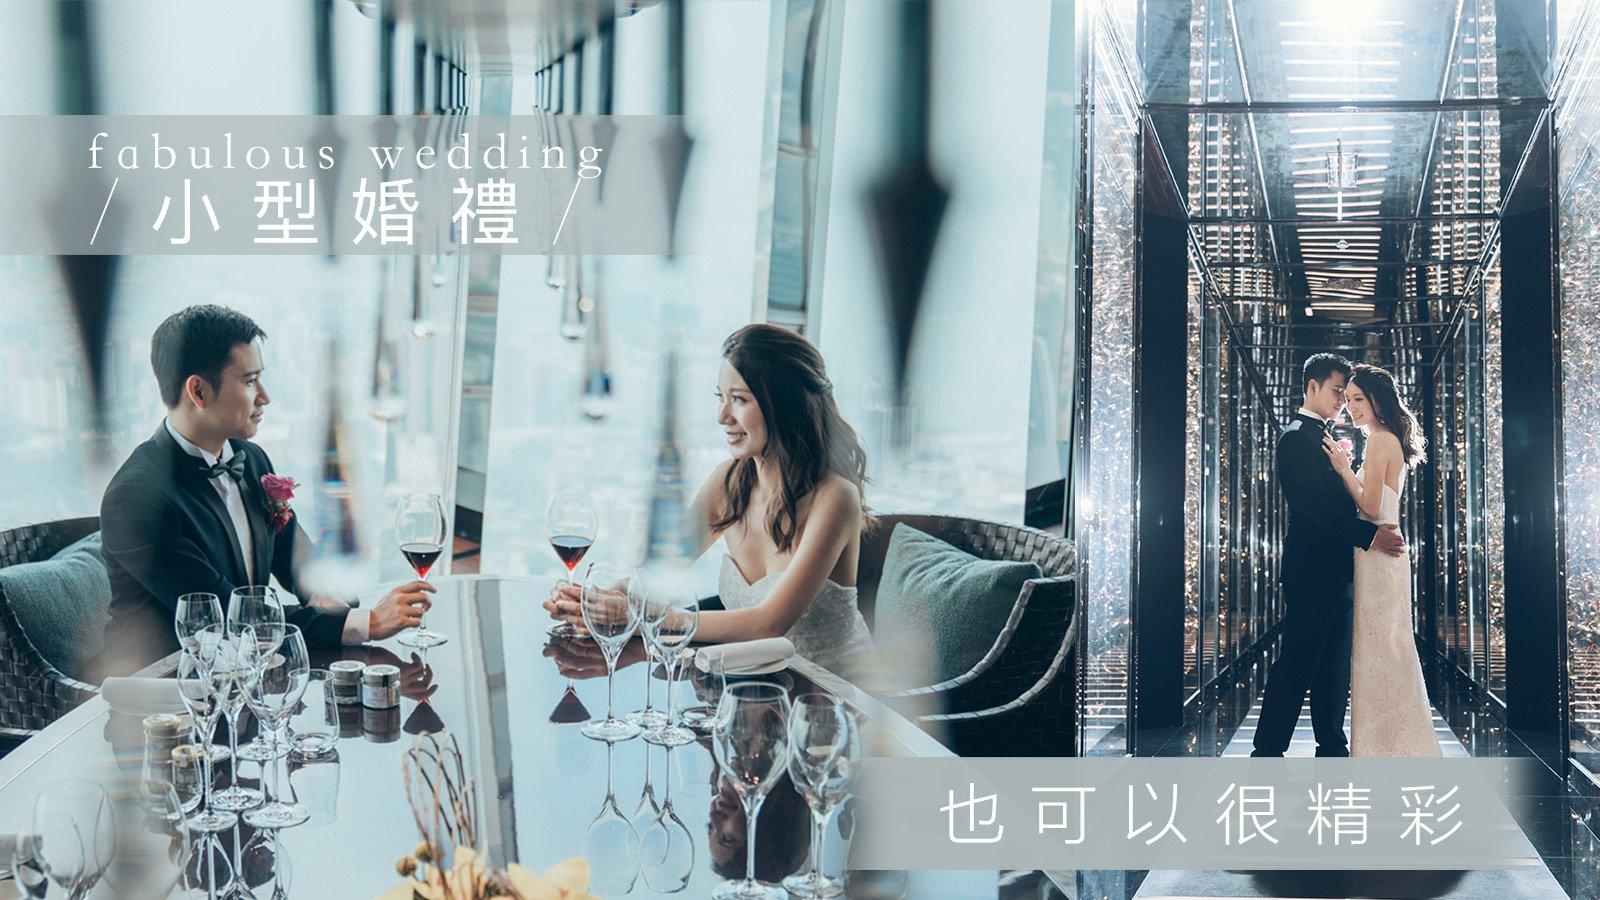 小型婚禮也可以很精彩  | 香港婚禮攝影 Wedding Photography